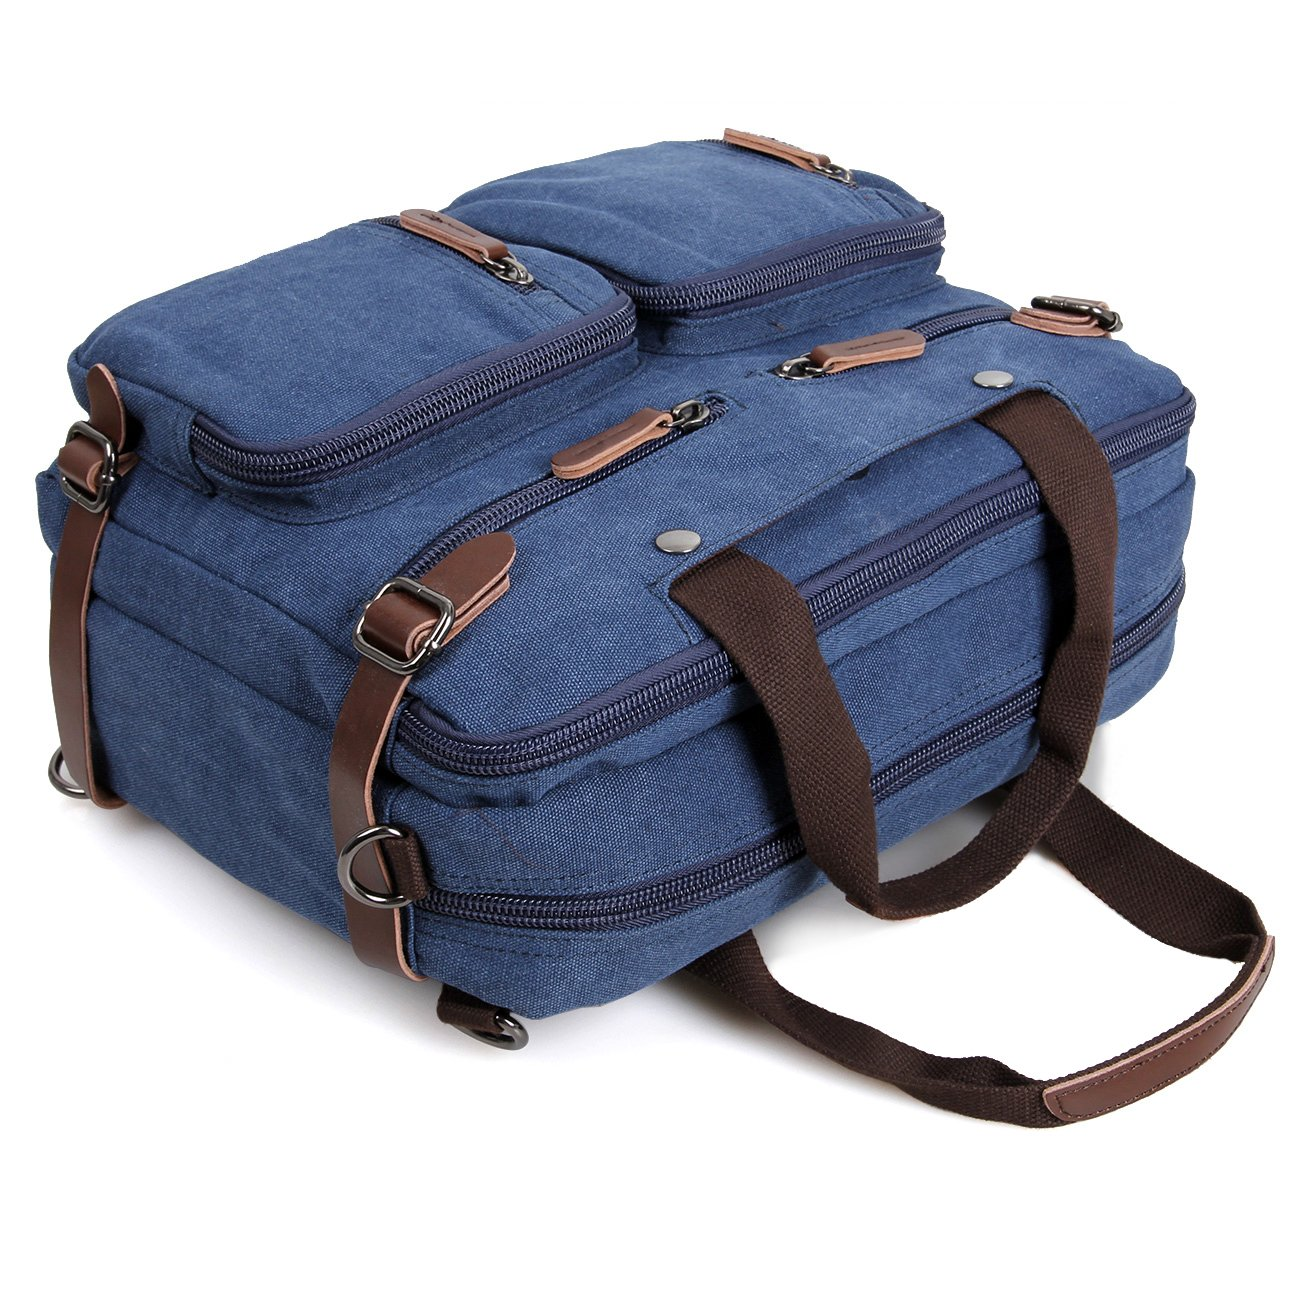 Clean Vintage Laptop Bag Hybrid Backpack Messenger Bag/Convertible Briefcase Backpack Satchel for Men Women- BookBag Rucksack Daypack-Waxed Canvas Leather, Blue by Clean Vintage (Image #9)